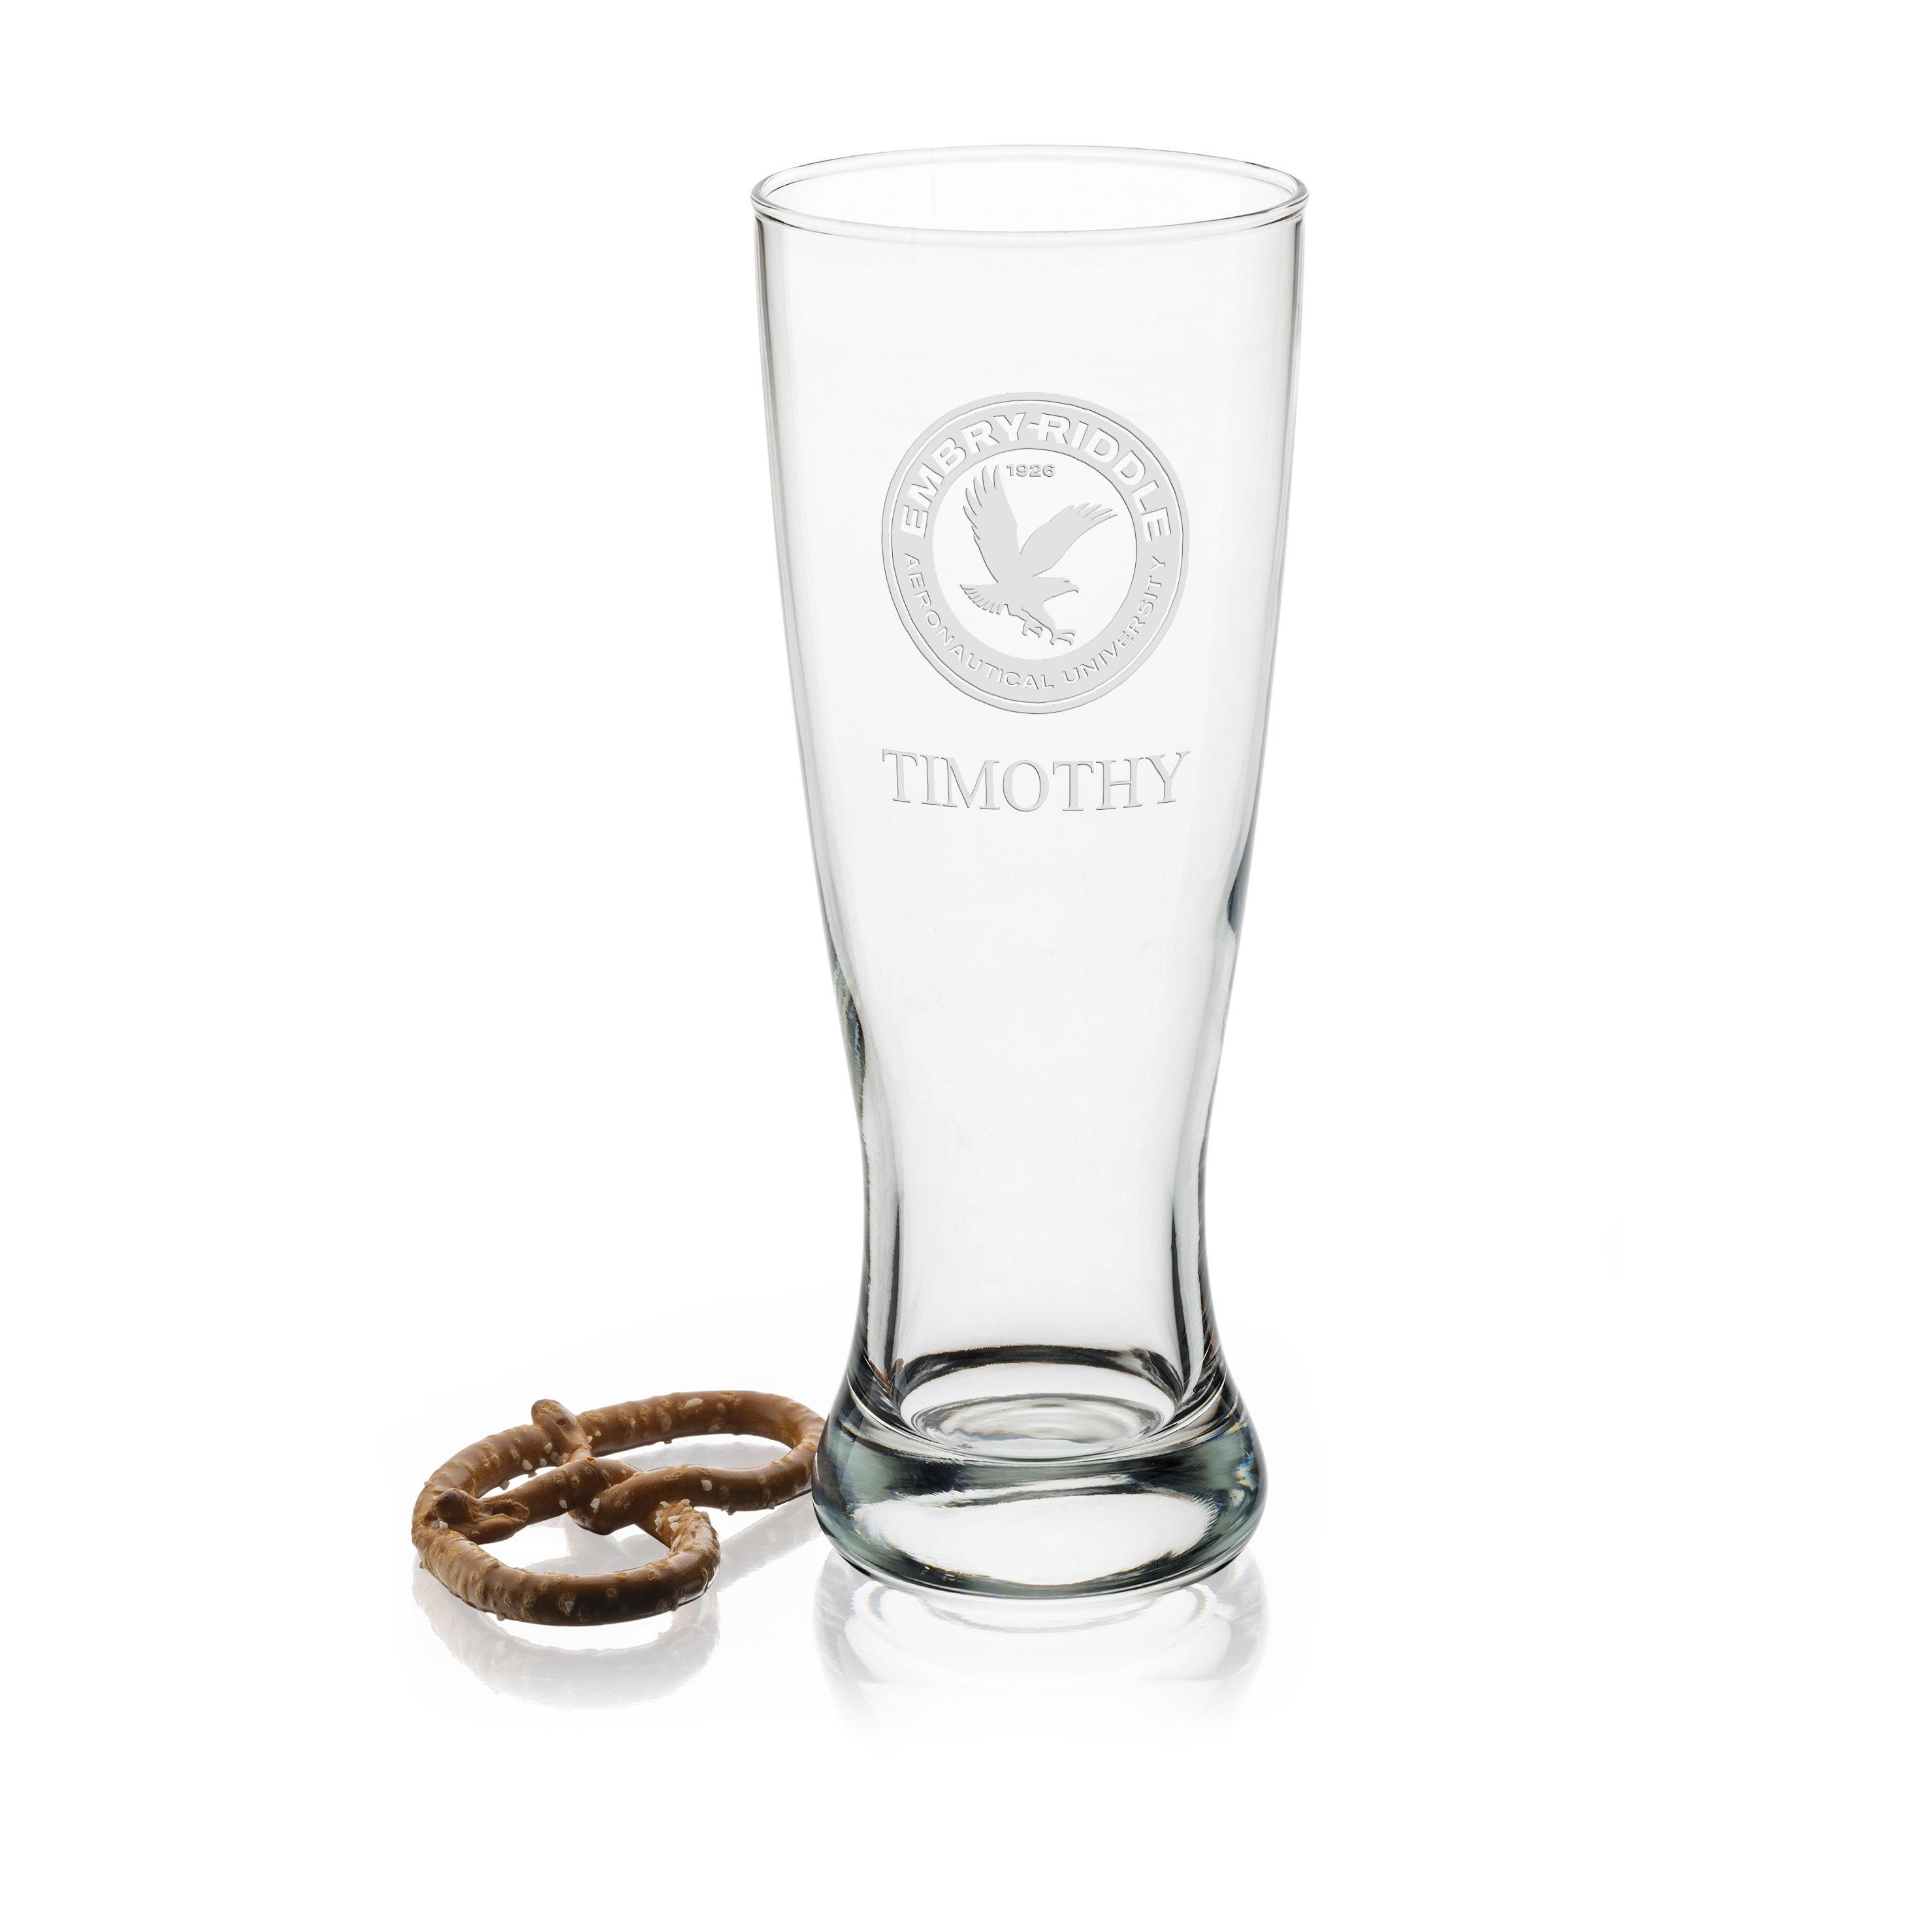 Embry-Riddle 20oz Pilsner Glasses - Set of 2